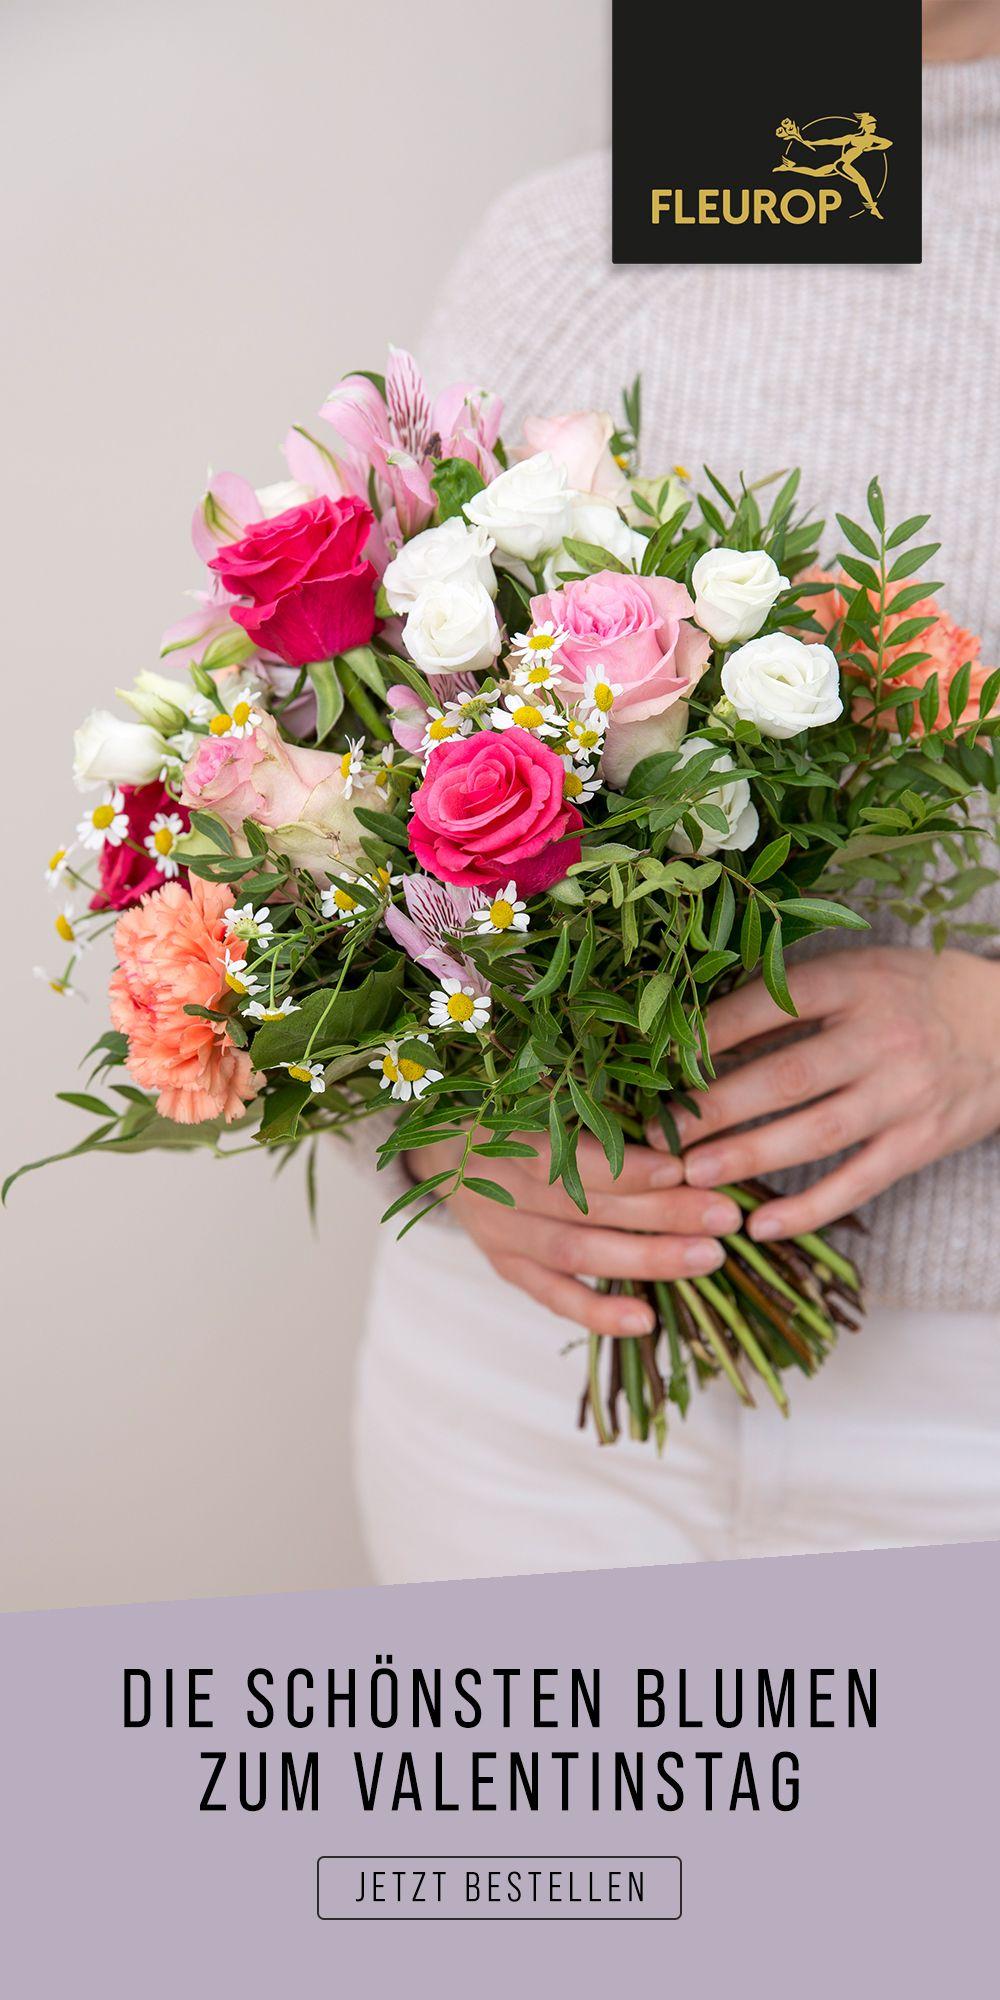 Geschenkidee zum Valentinstag: Liebesgrüße mit Blumen via